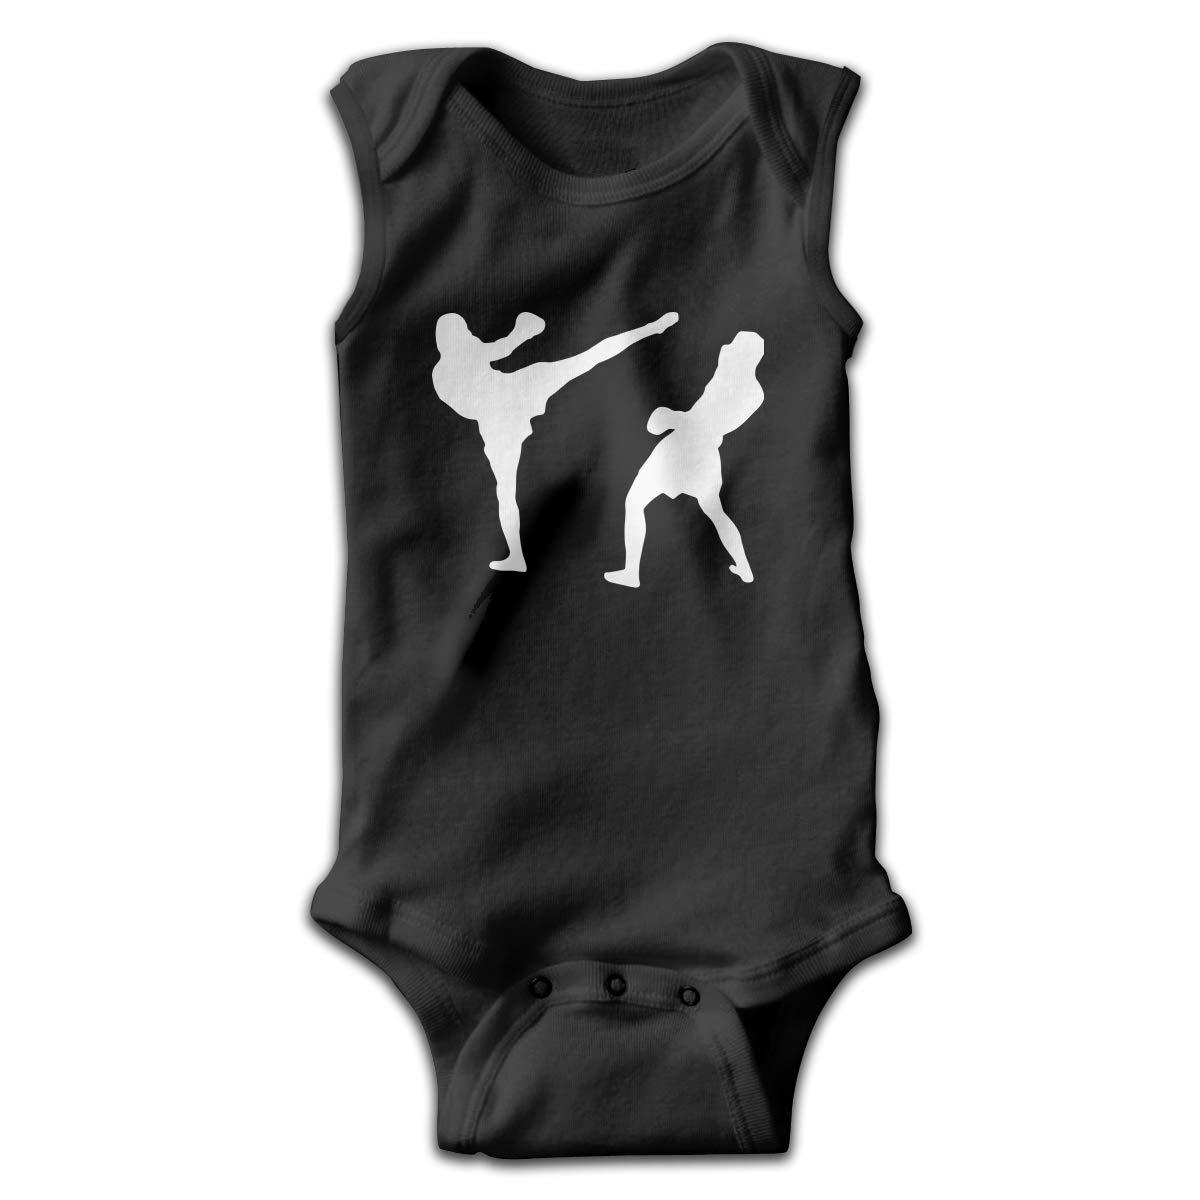 MMSSsJQ6 Brazilian Jiu-Jitsu Baby Newborn Infant Creeper Sleeveless Romper Jumpsuit